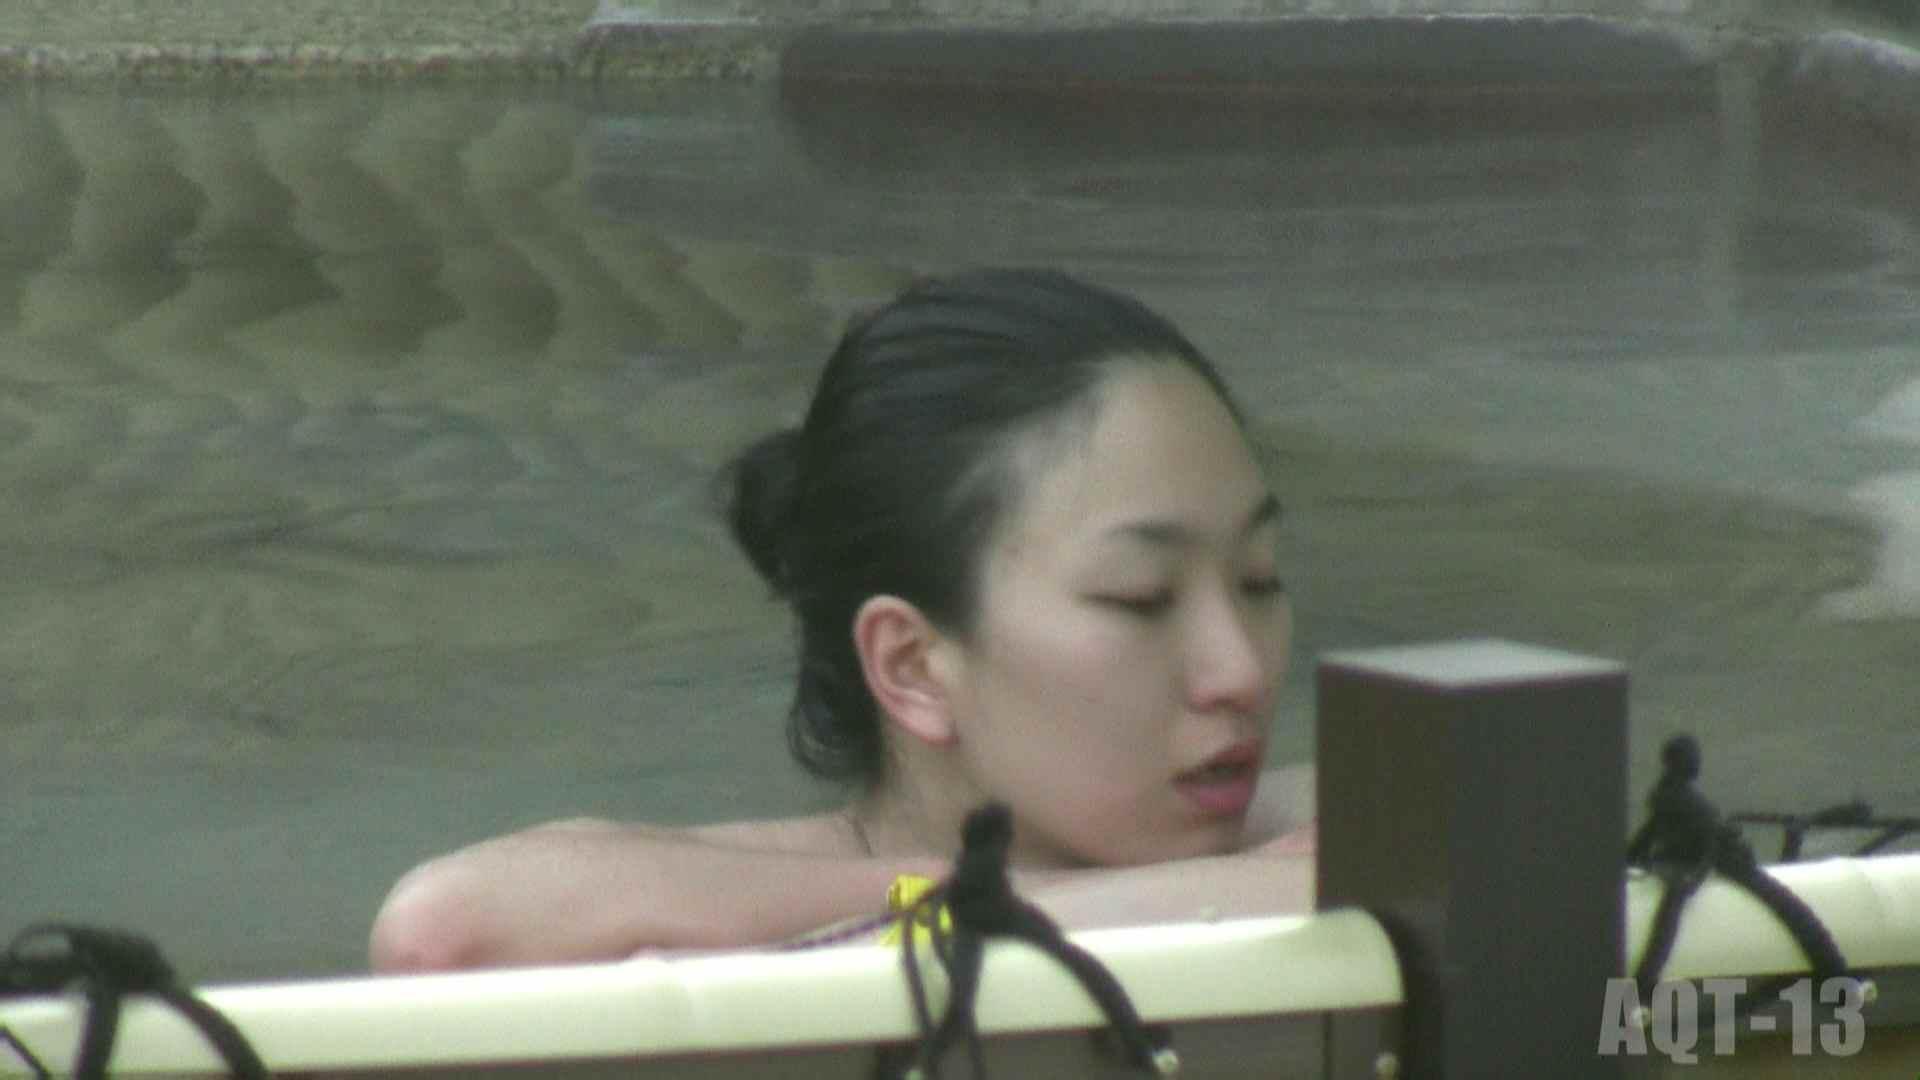 Aquaな露天風呂Vol.818 盗撮   綺麗なOLたち  79枚 4